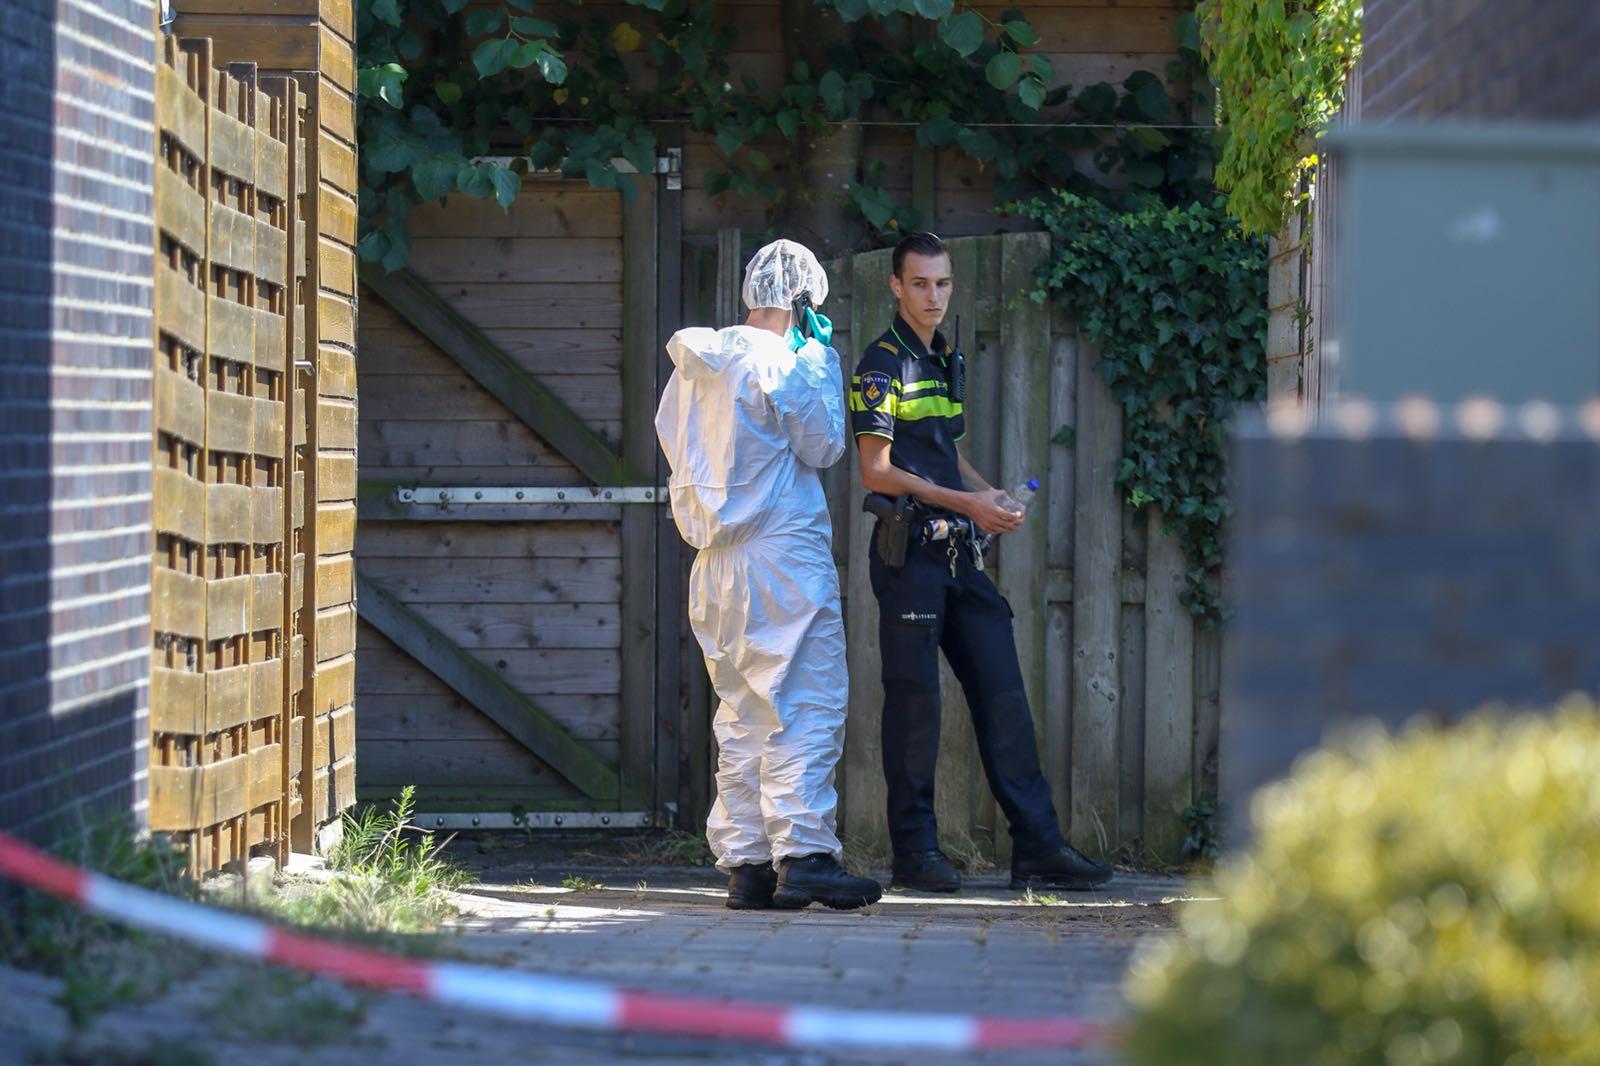 Overleden man aangetroffen in tuin van woning Dijkwacht Leiderdorp